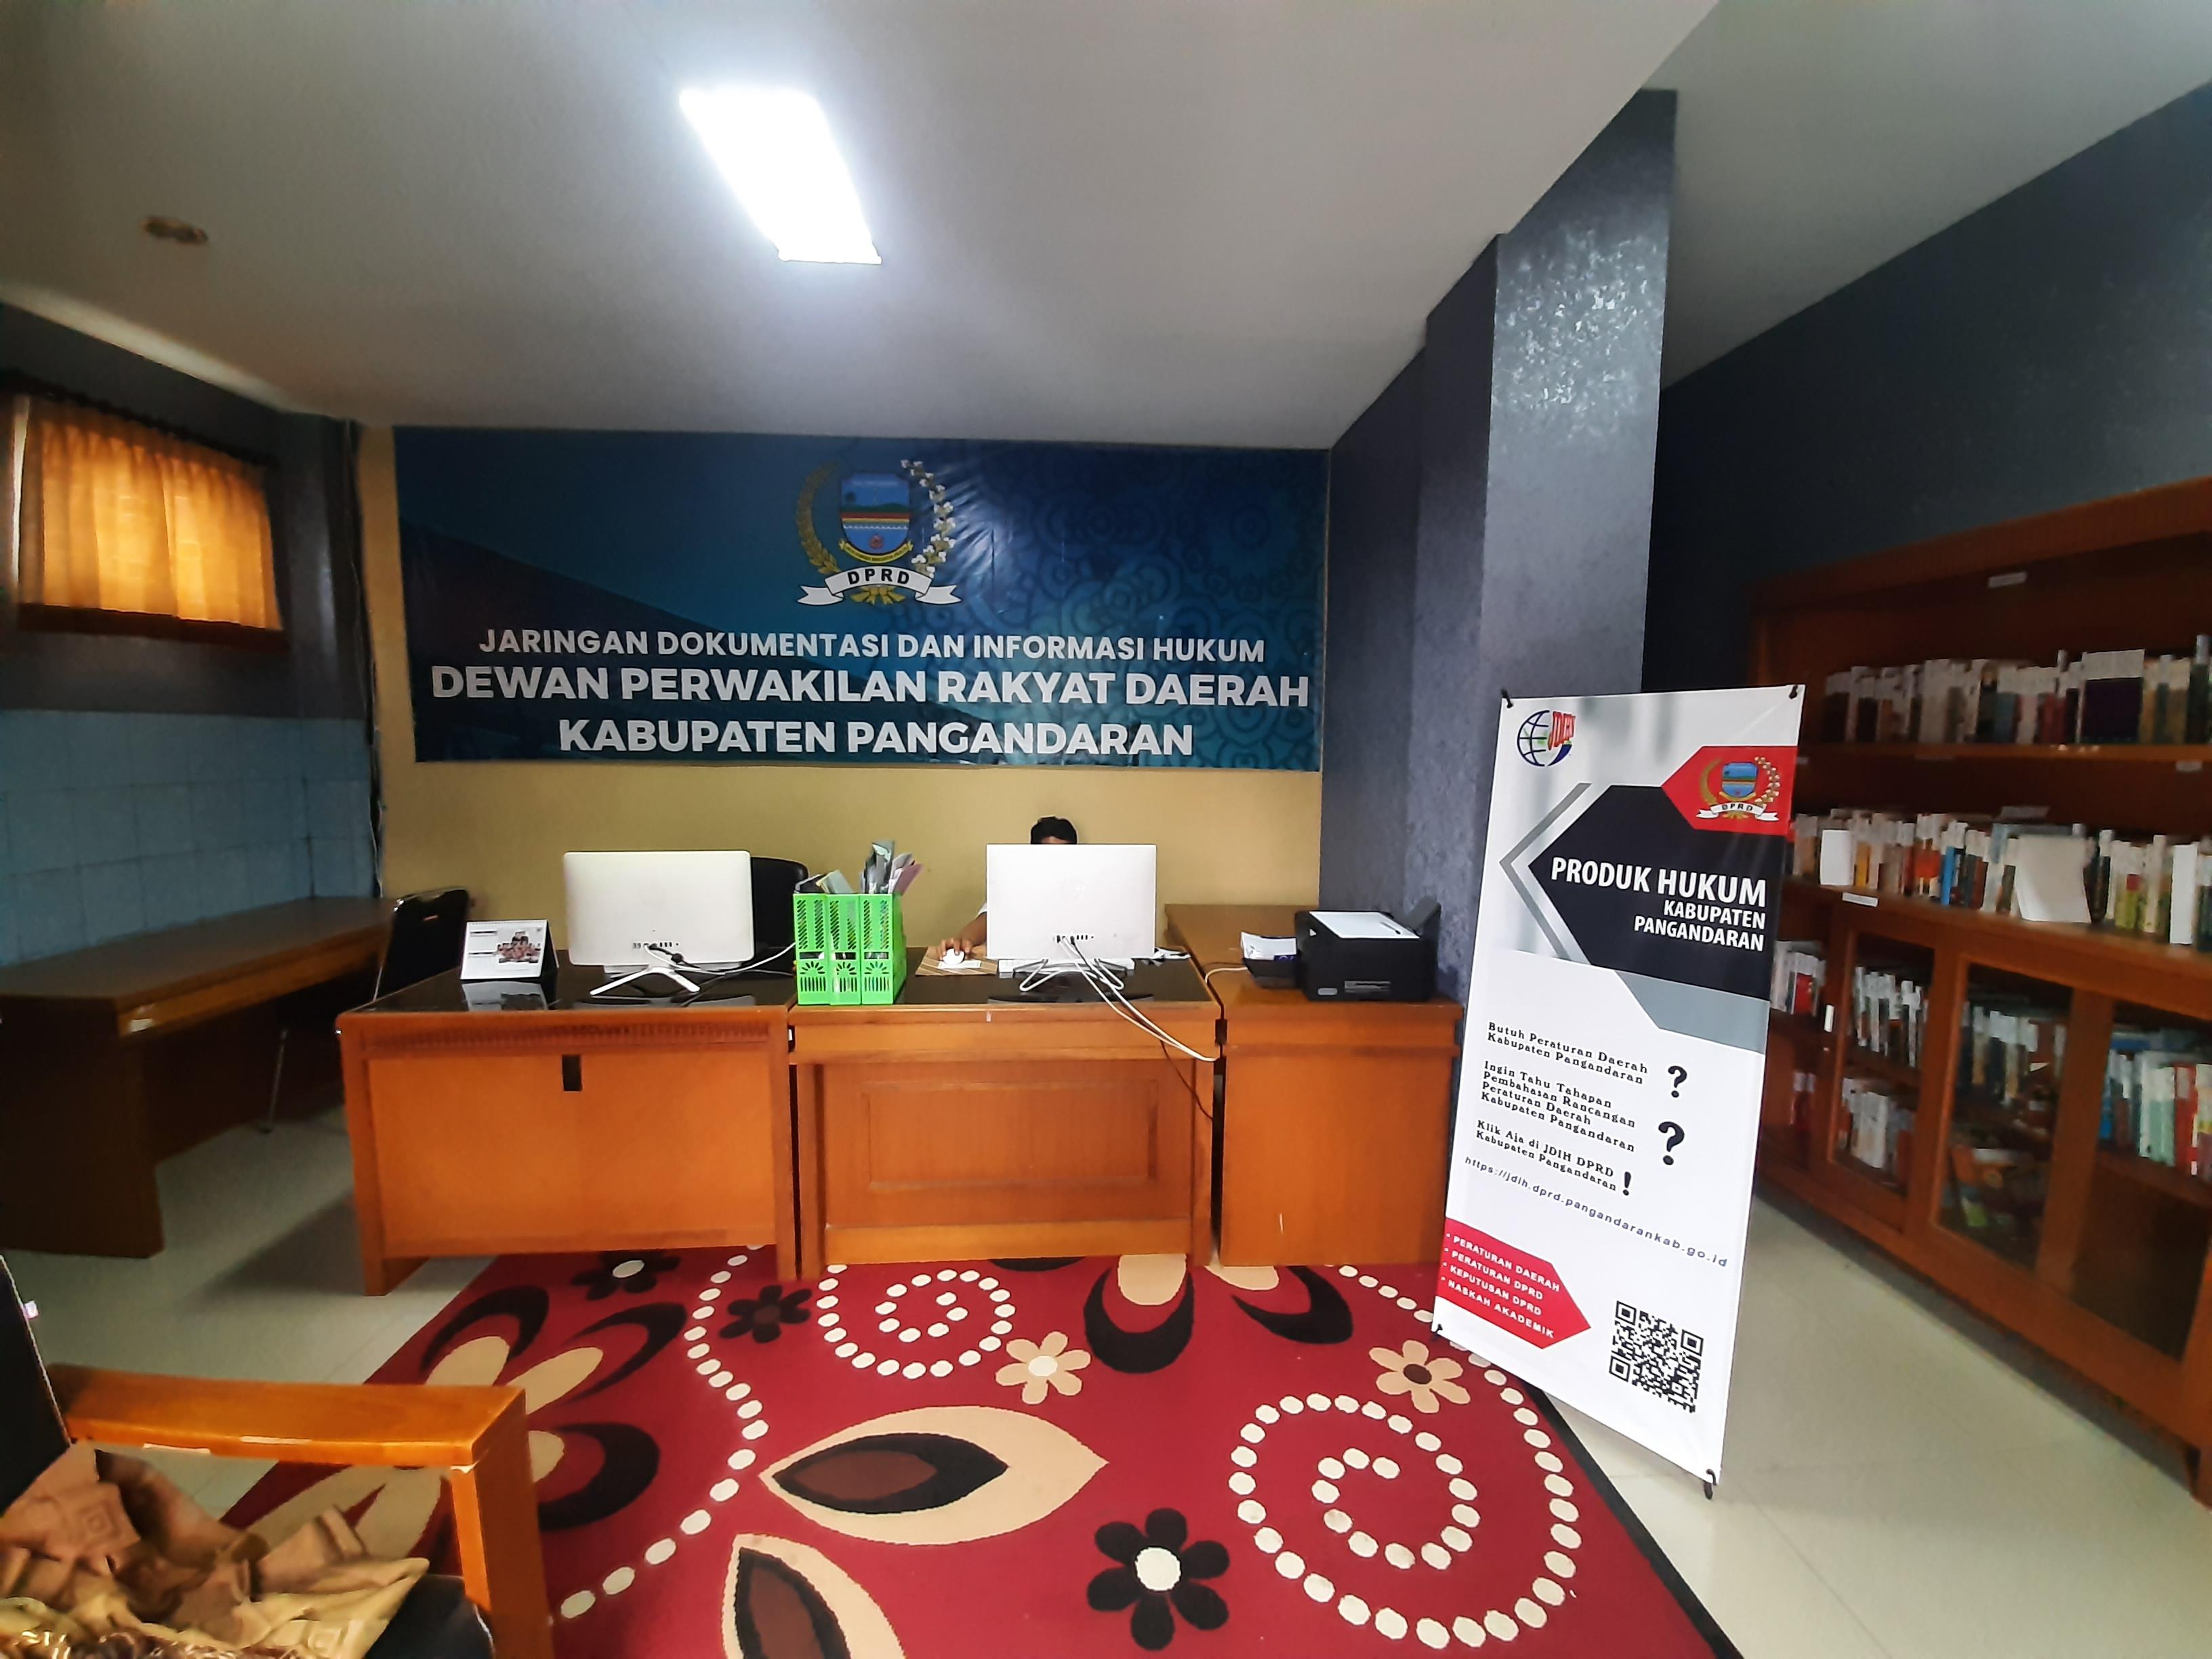 Ruangan Pusat Informasi JDIH DPRD Kabupaten Pangandaran